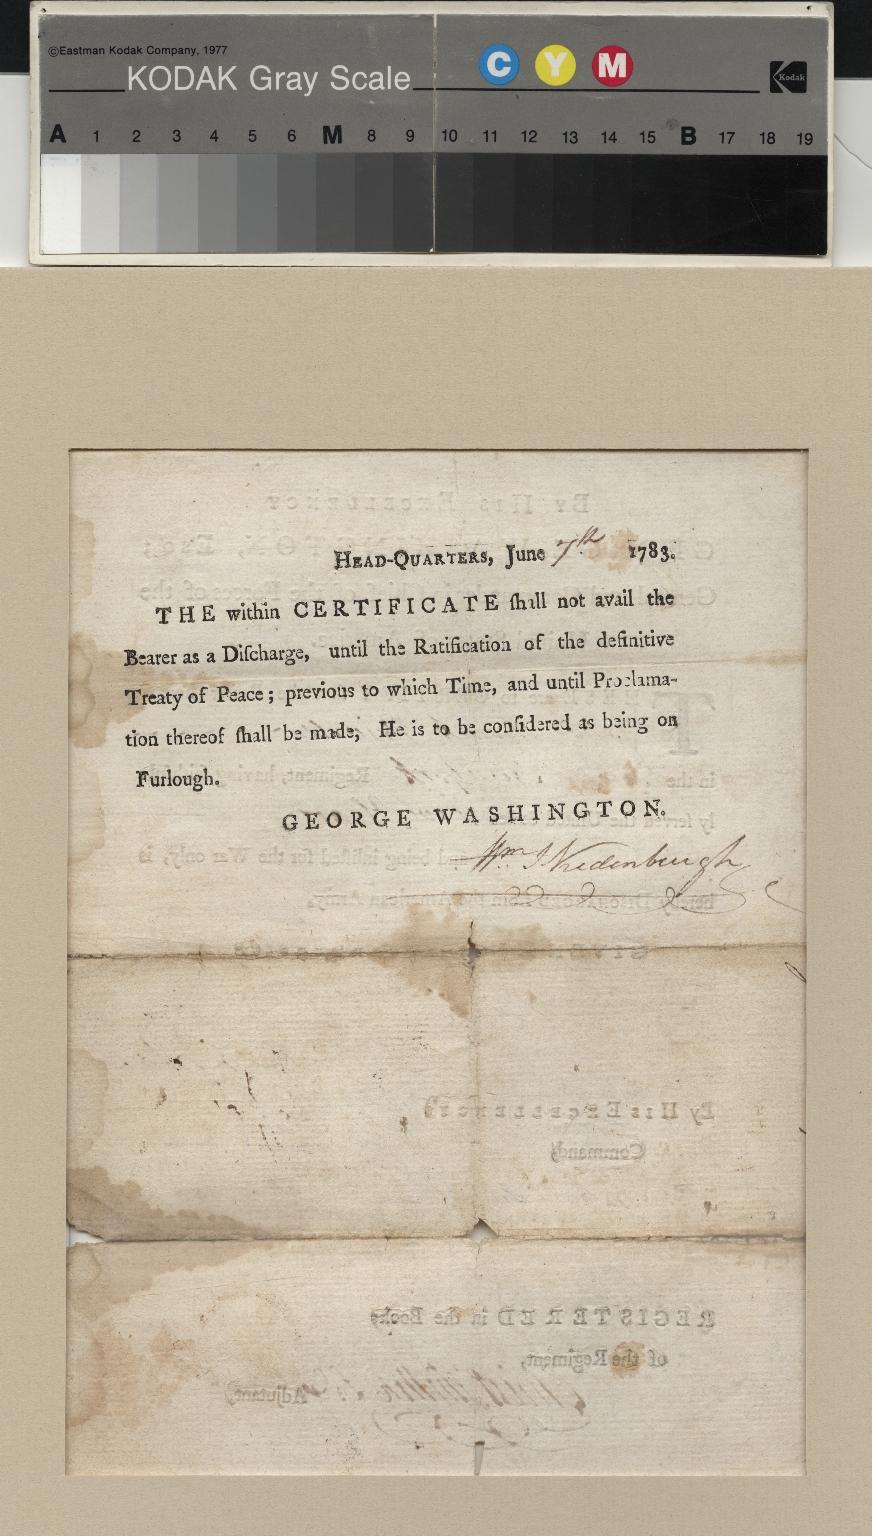 Washington certificate of furlough